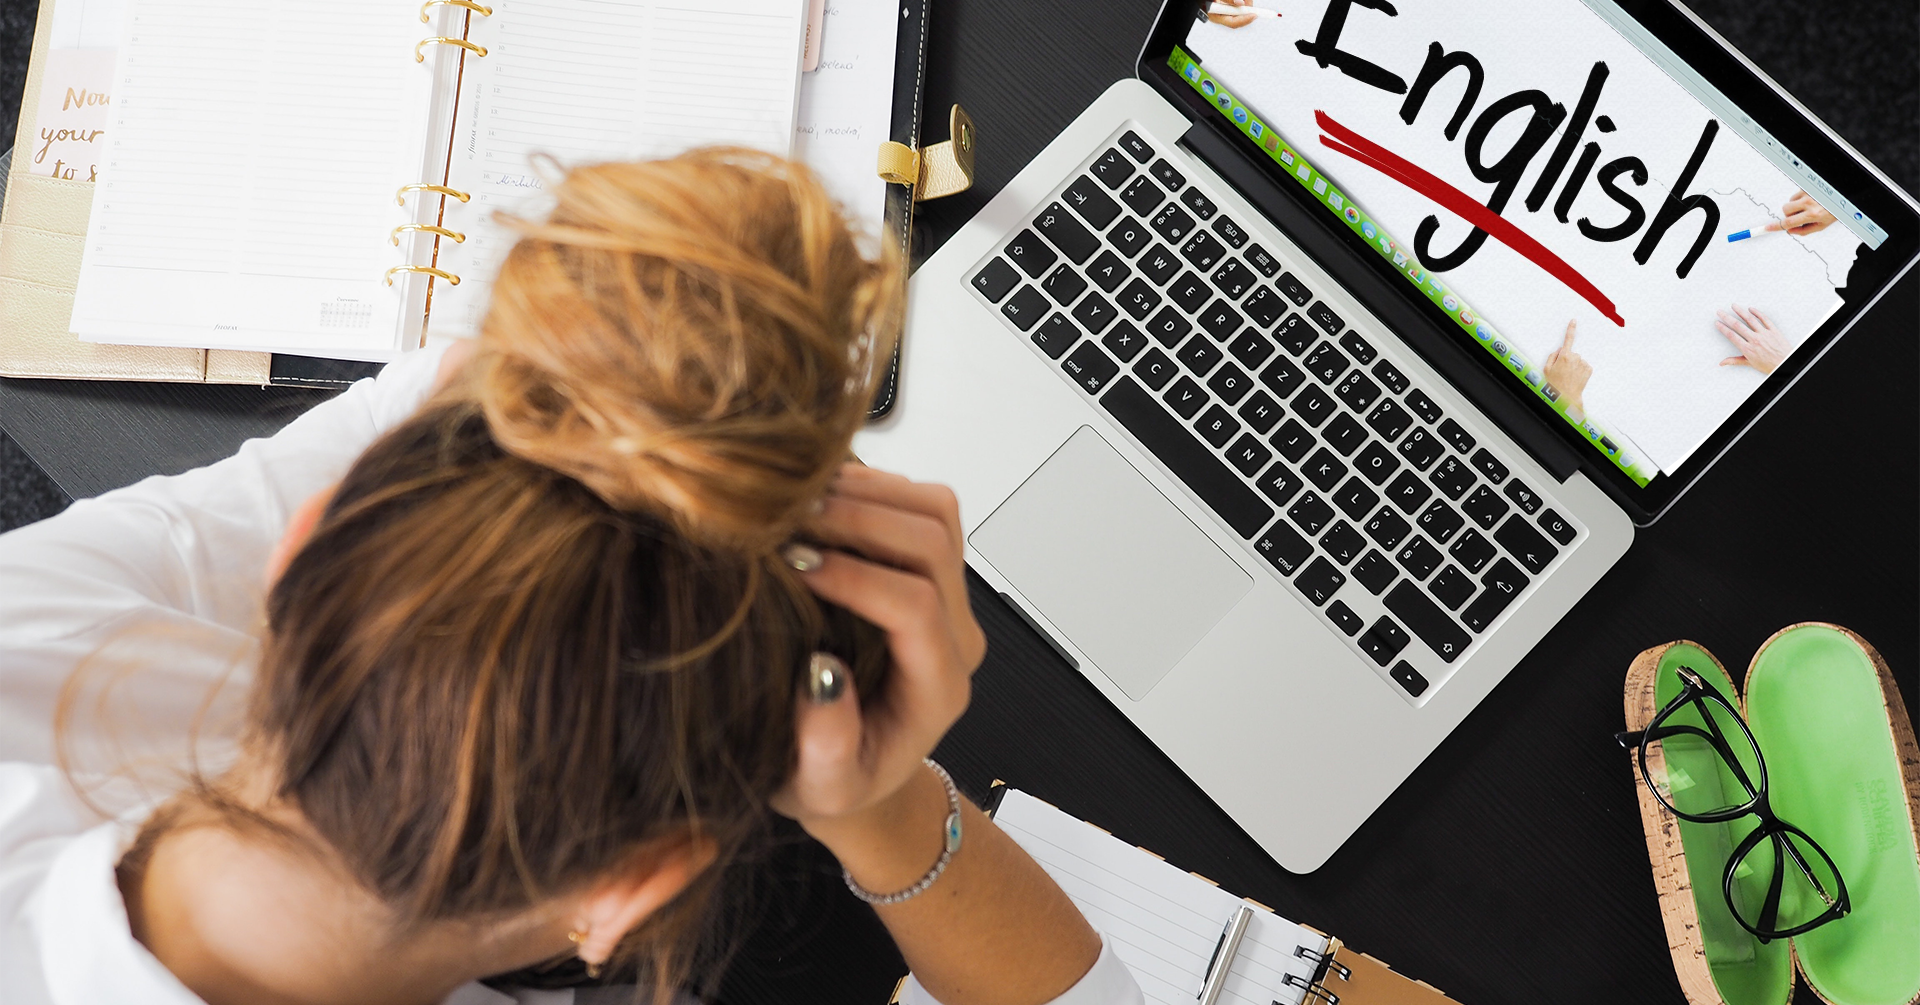 online munka, távmunka angoltudás nélkül